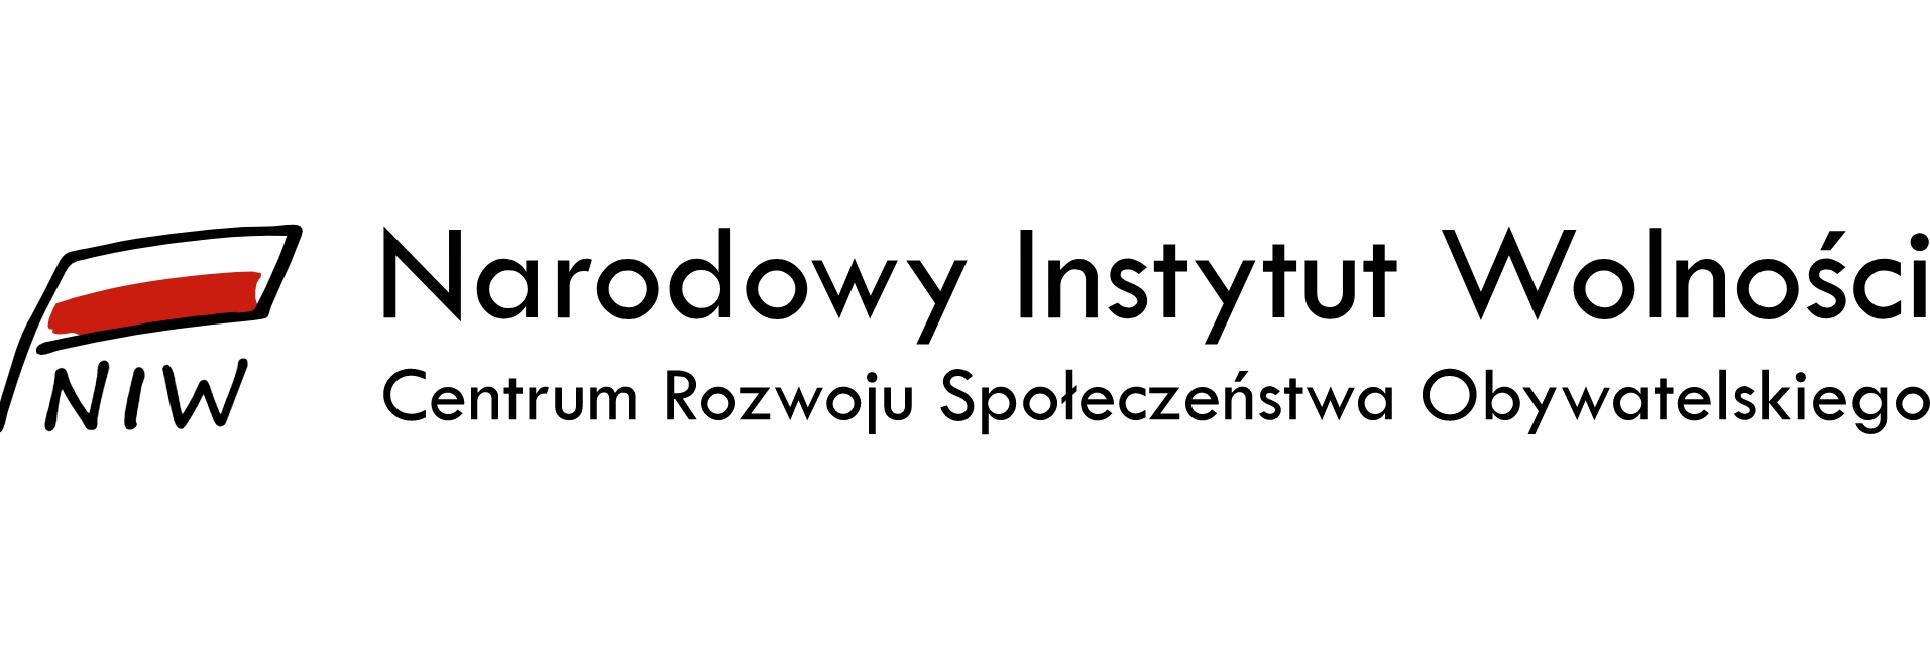 logo-narodowy-instytut-wolnosci.jpg